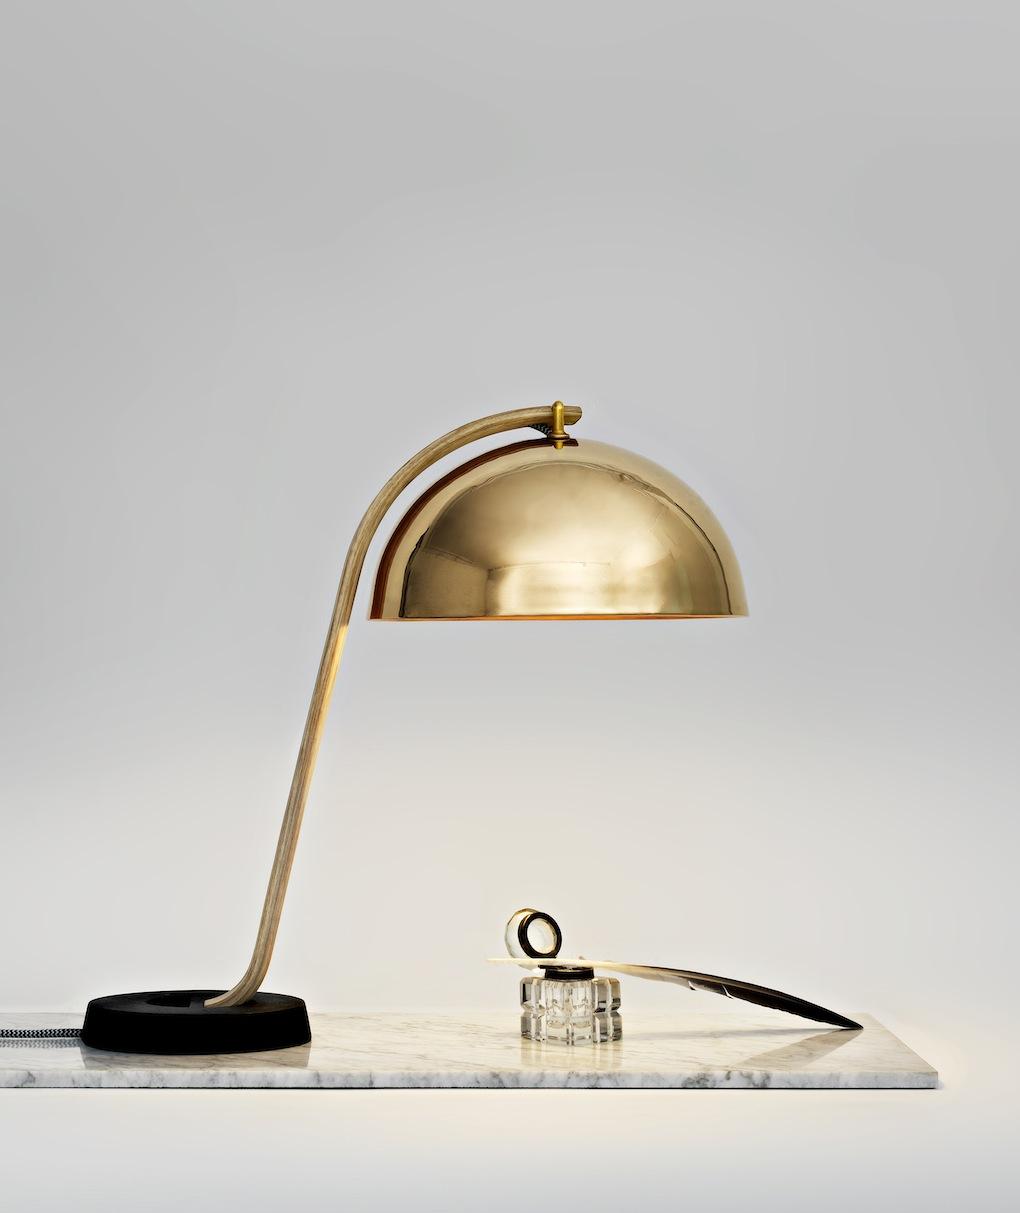 Lampada Cloche, design di Lars Beller